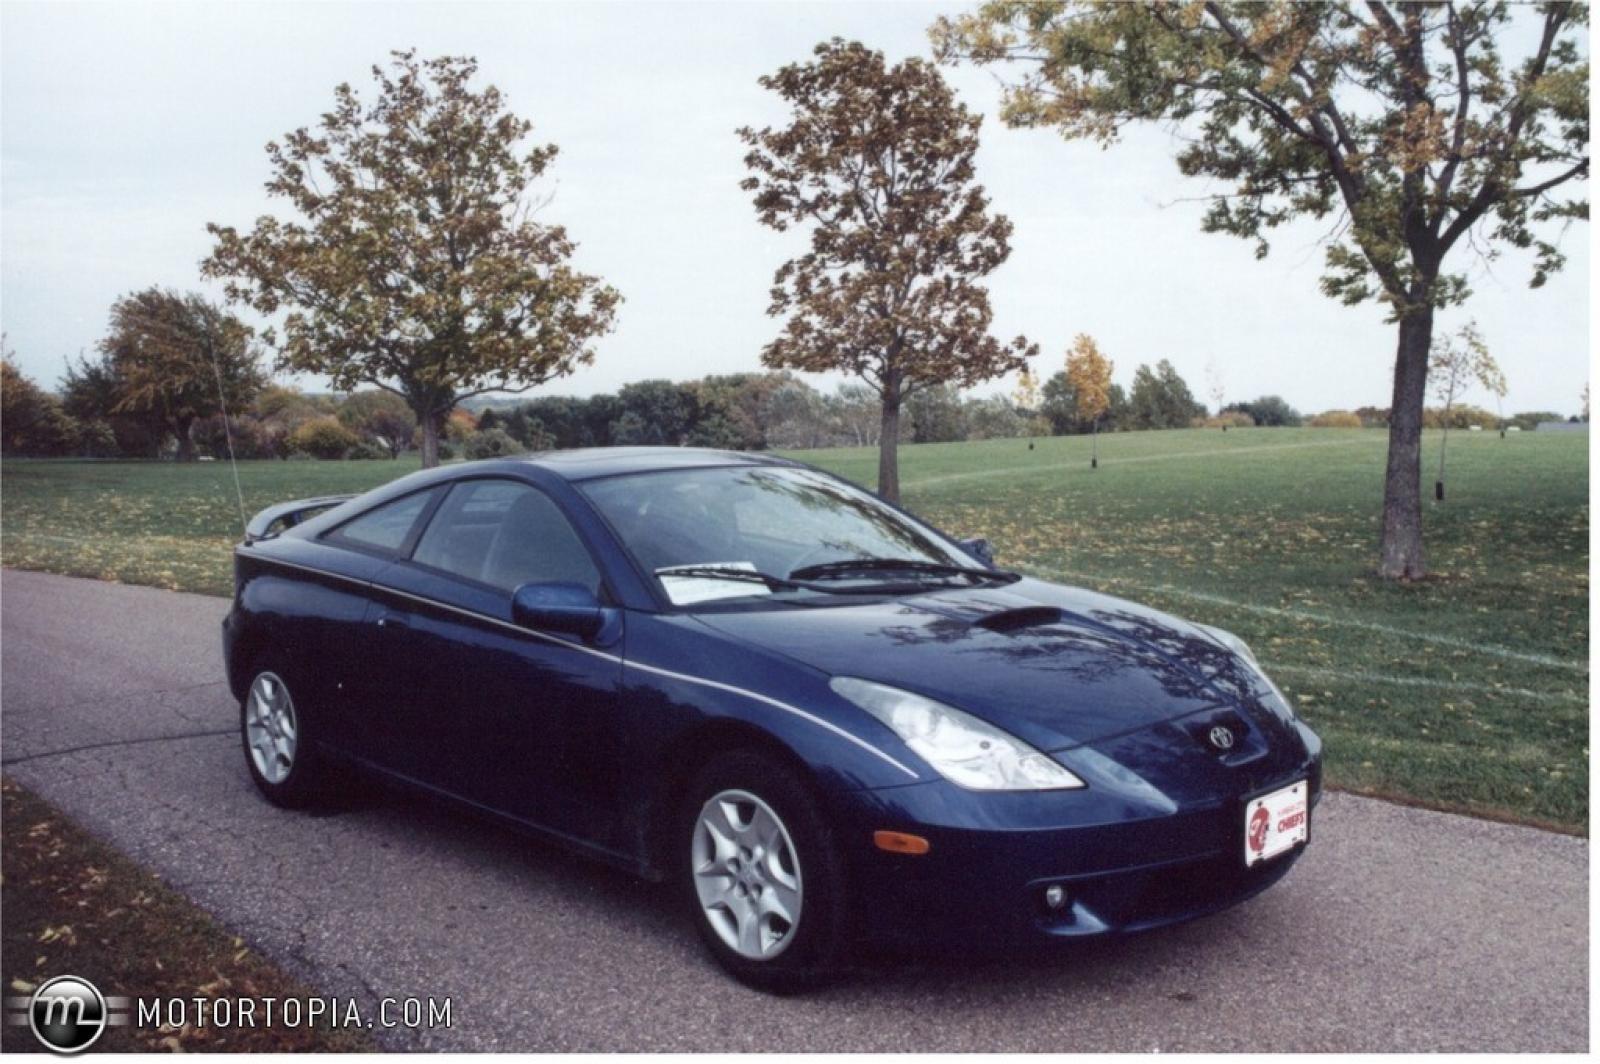 800 1024 1280 1600 Origin 2001 Toyota Celica ...